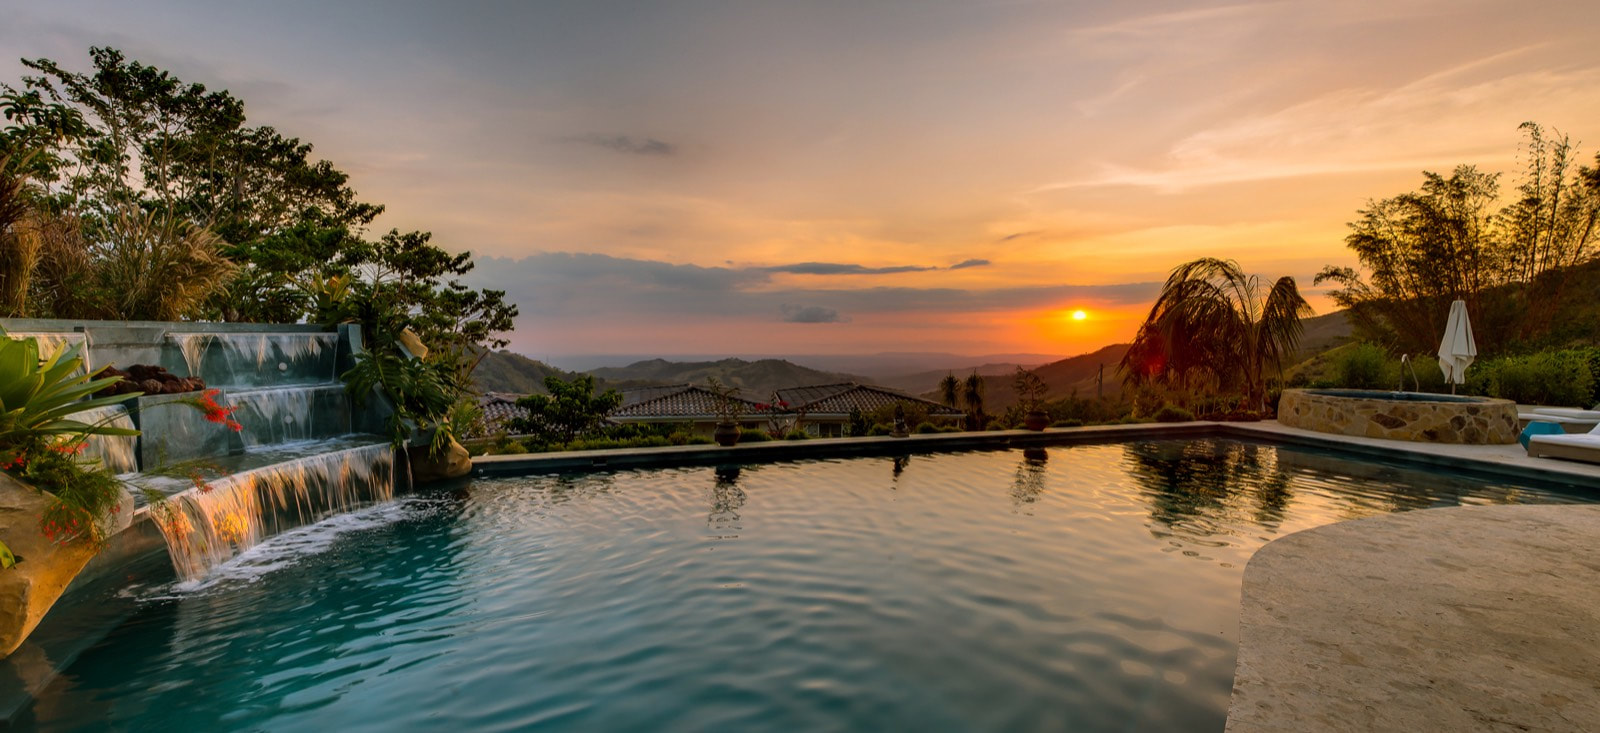 pool-sunset_8_orig.jpg